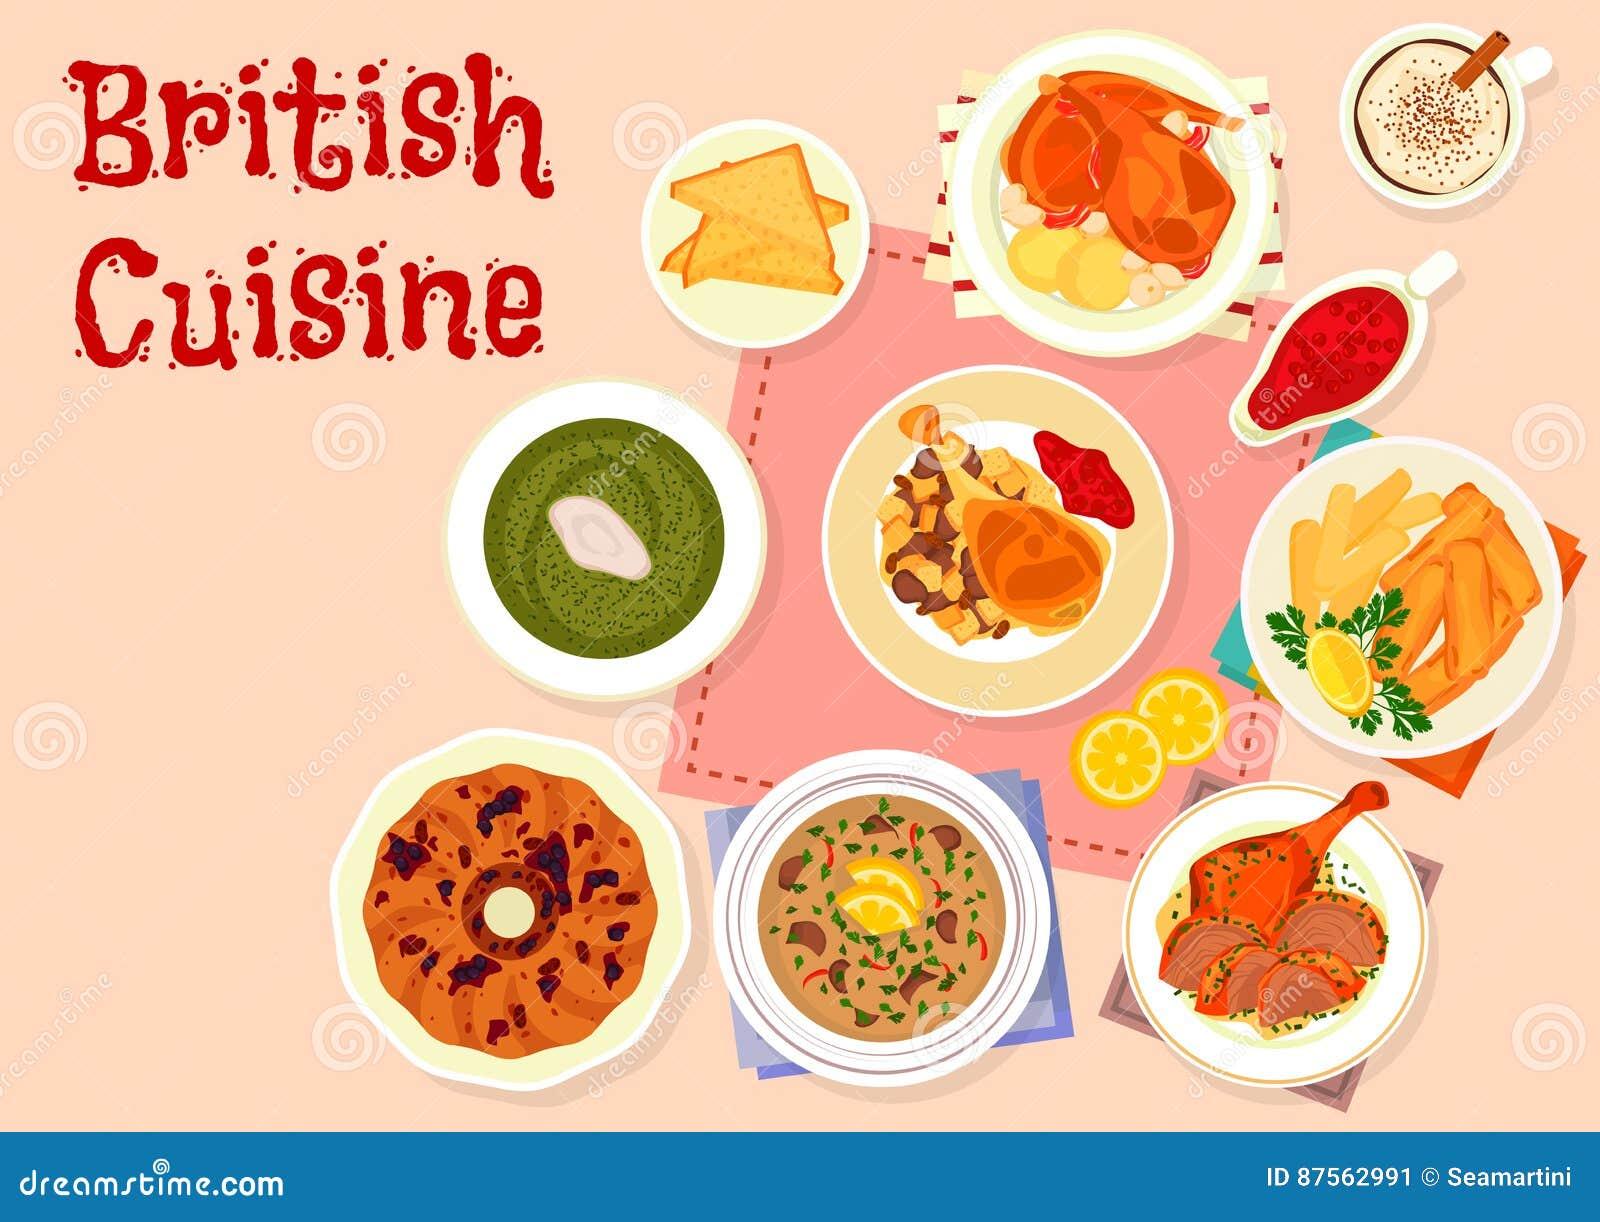 Icona Tradizionale Del Menu Della Cena Di Cucina Britannica ...